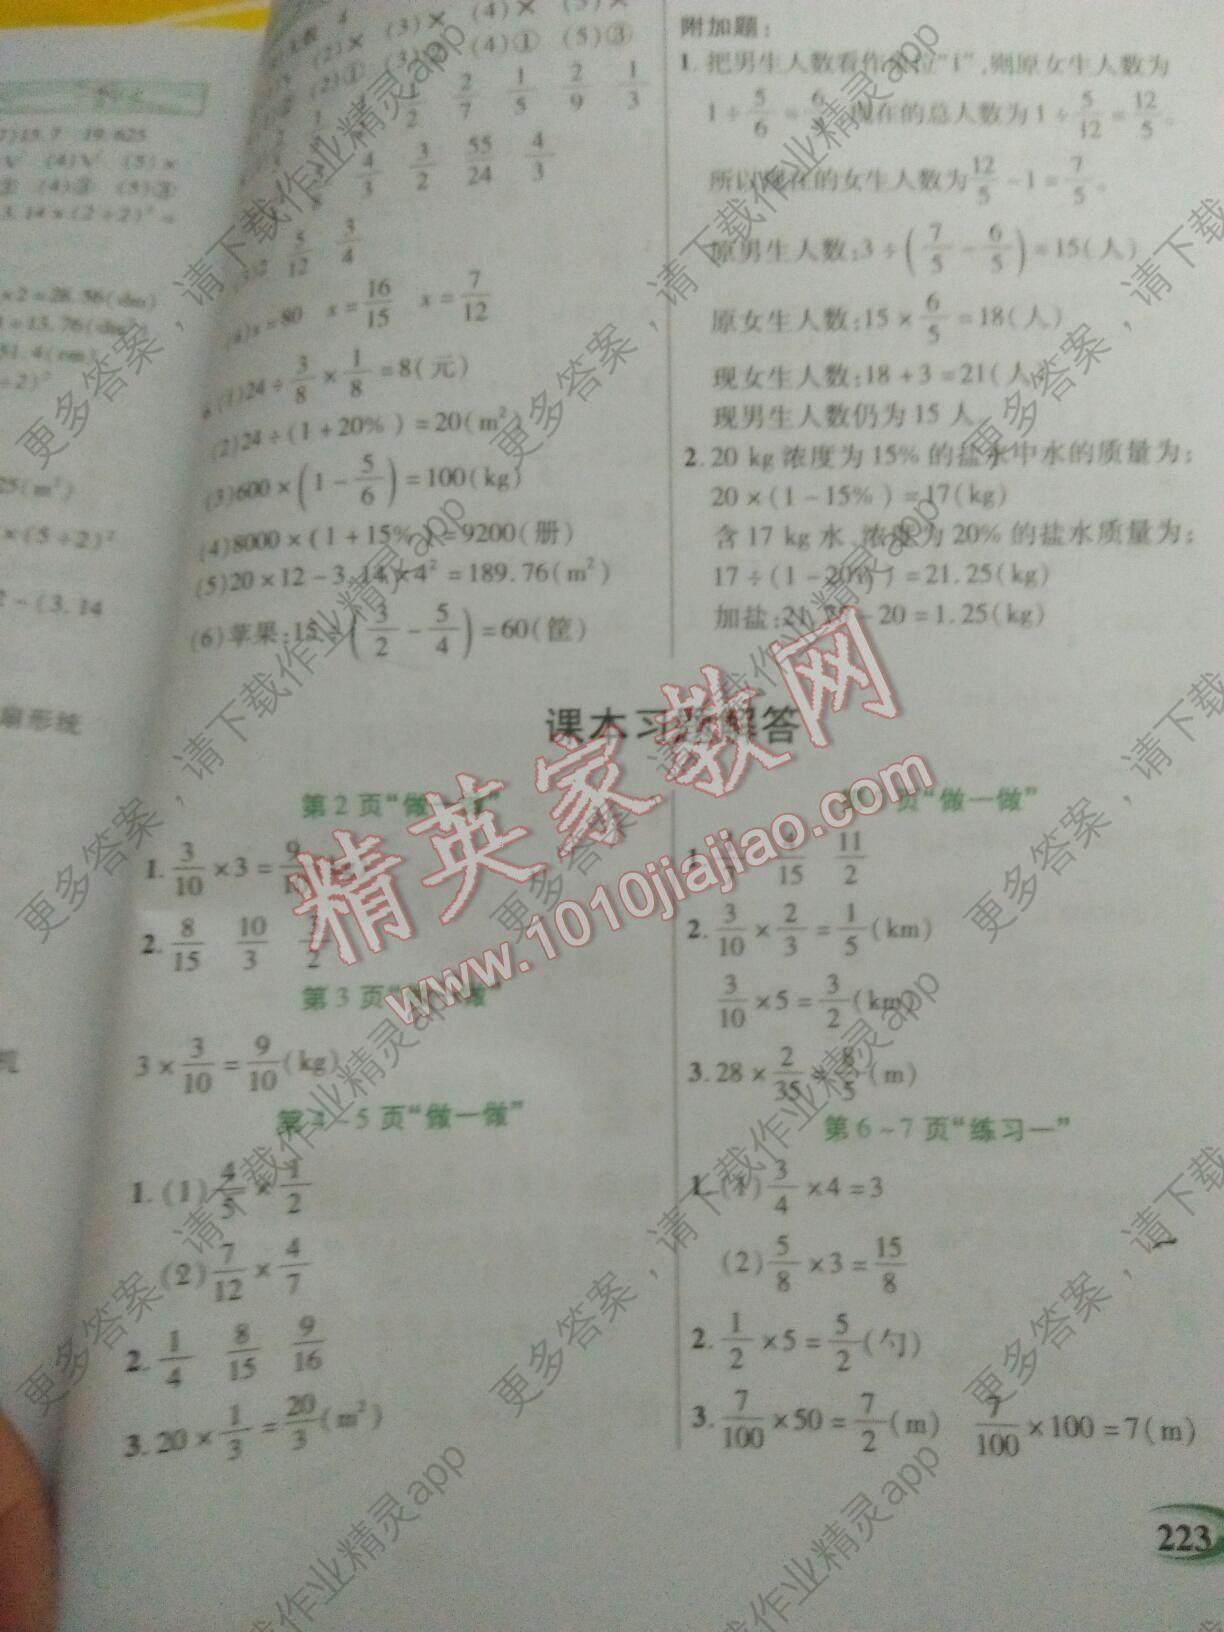 课本人教版六年级数学上册答案图片